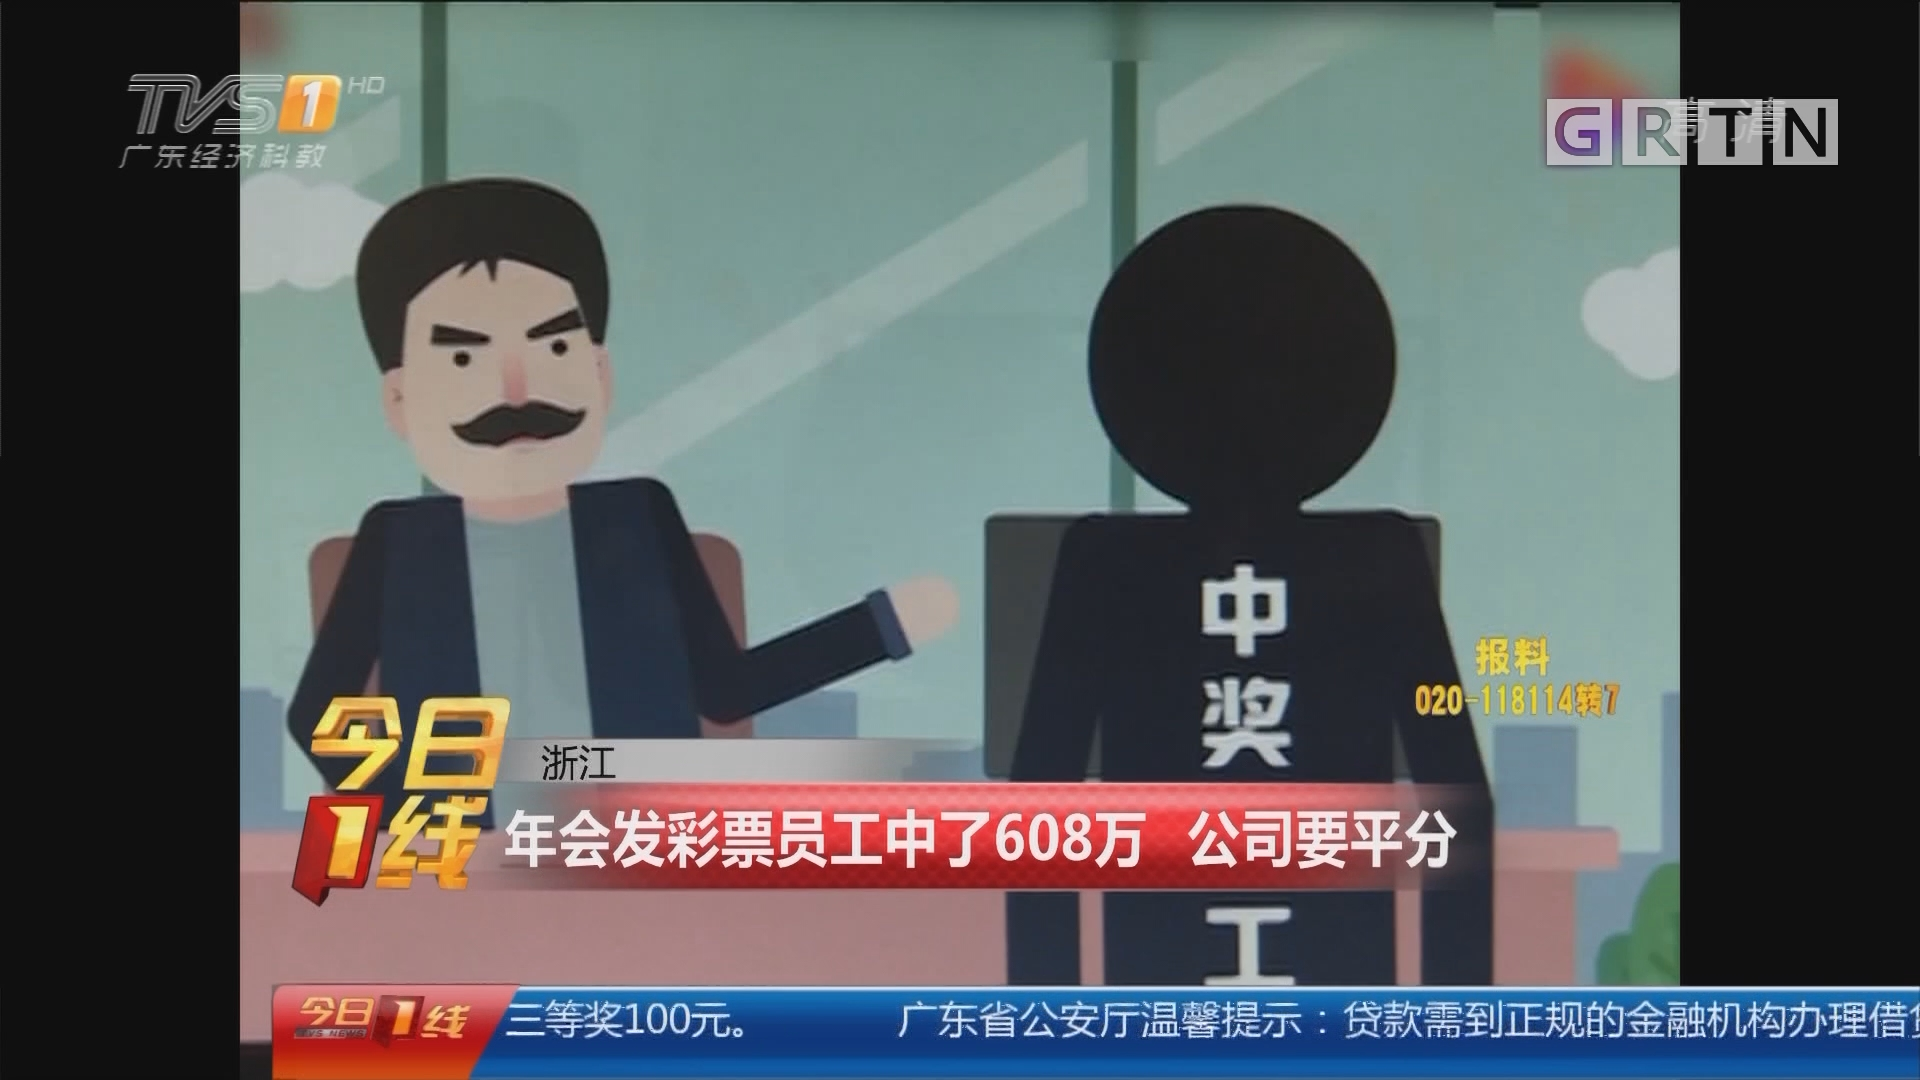 浙江:年会发彩票员工中了608万 公司要平分